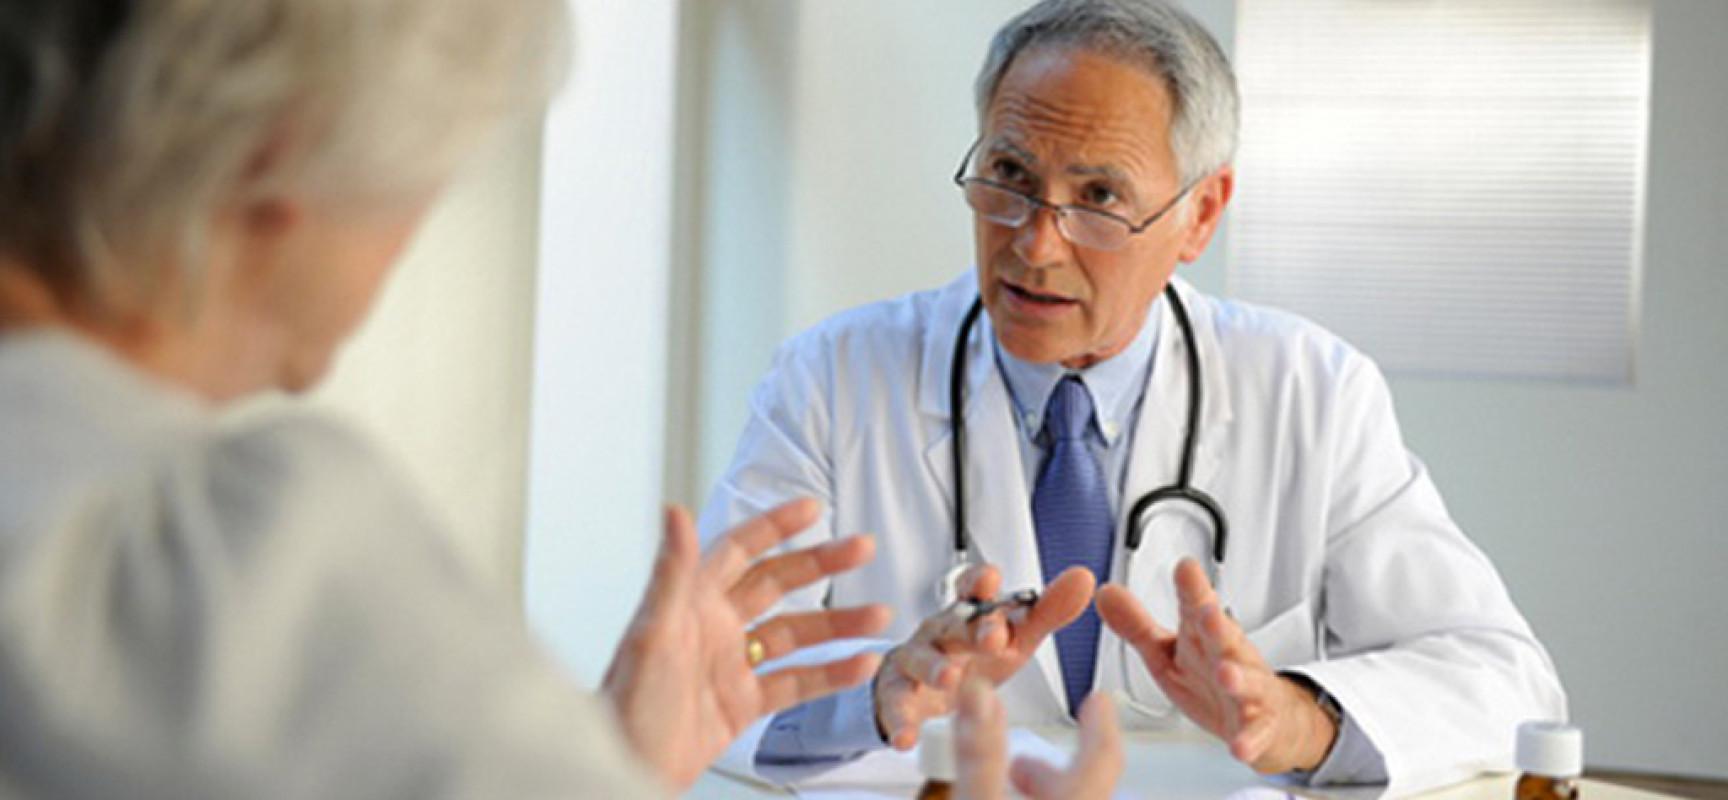 Кинезитерапия при сердечно-сосудистых заболеваниях